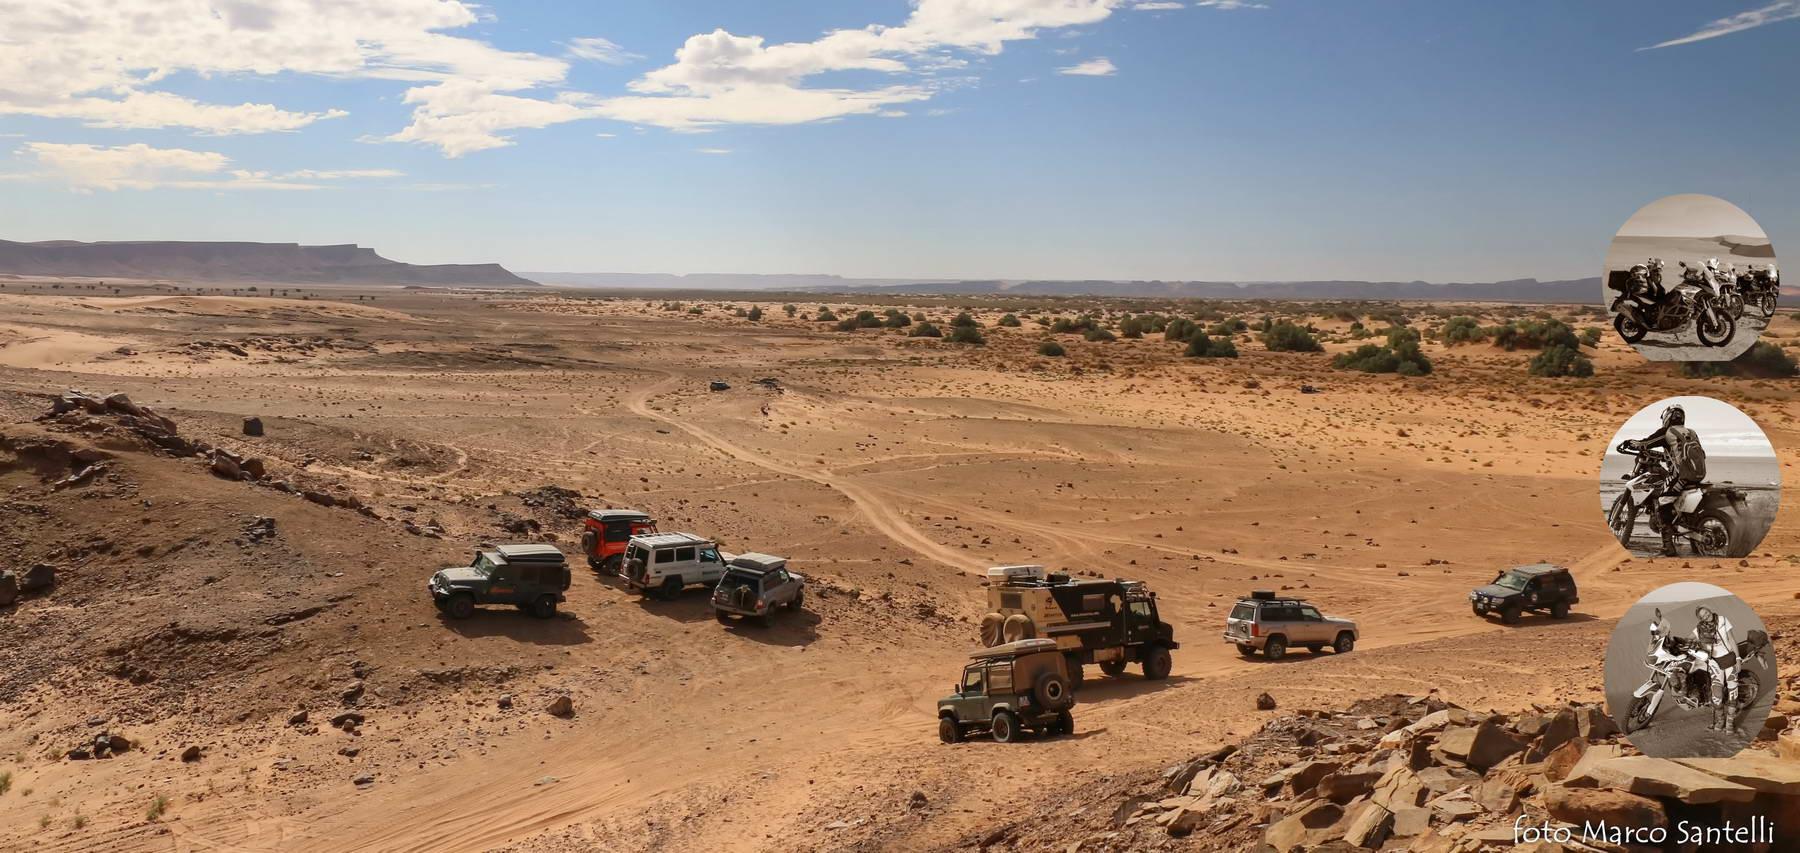 Iran desert Tour 4x4 Moto